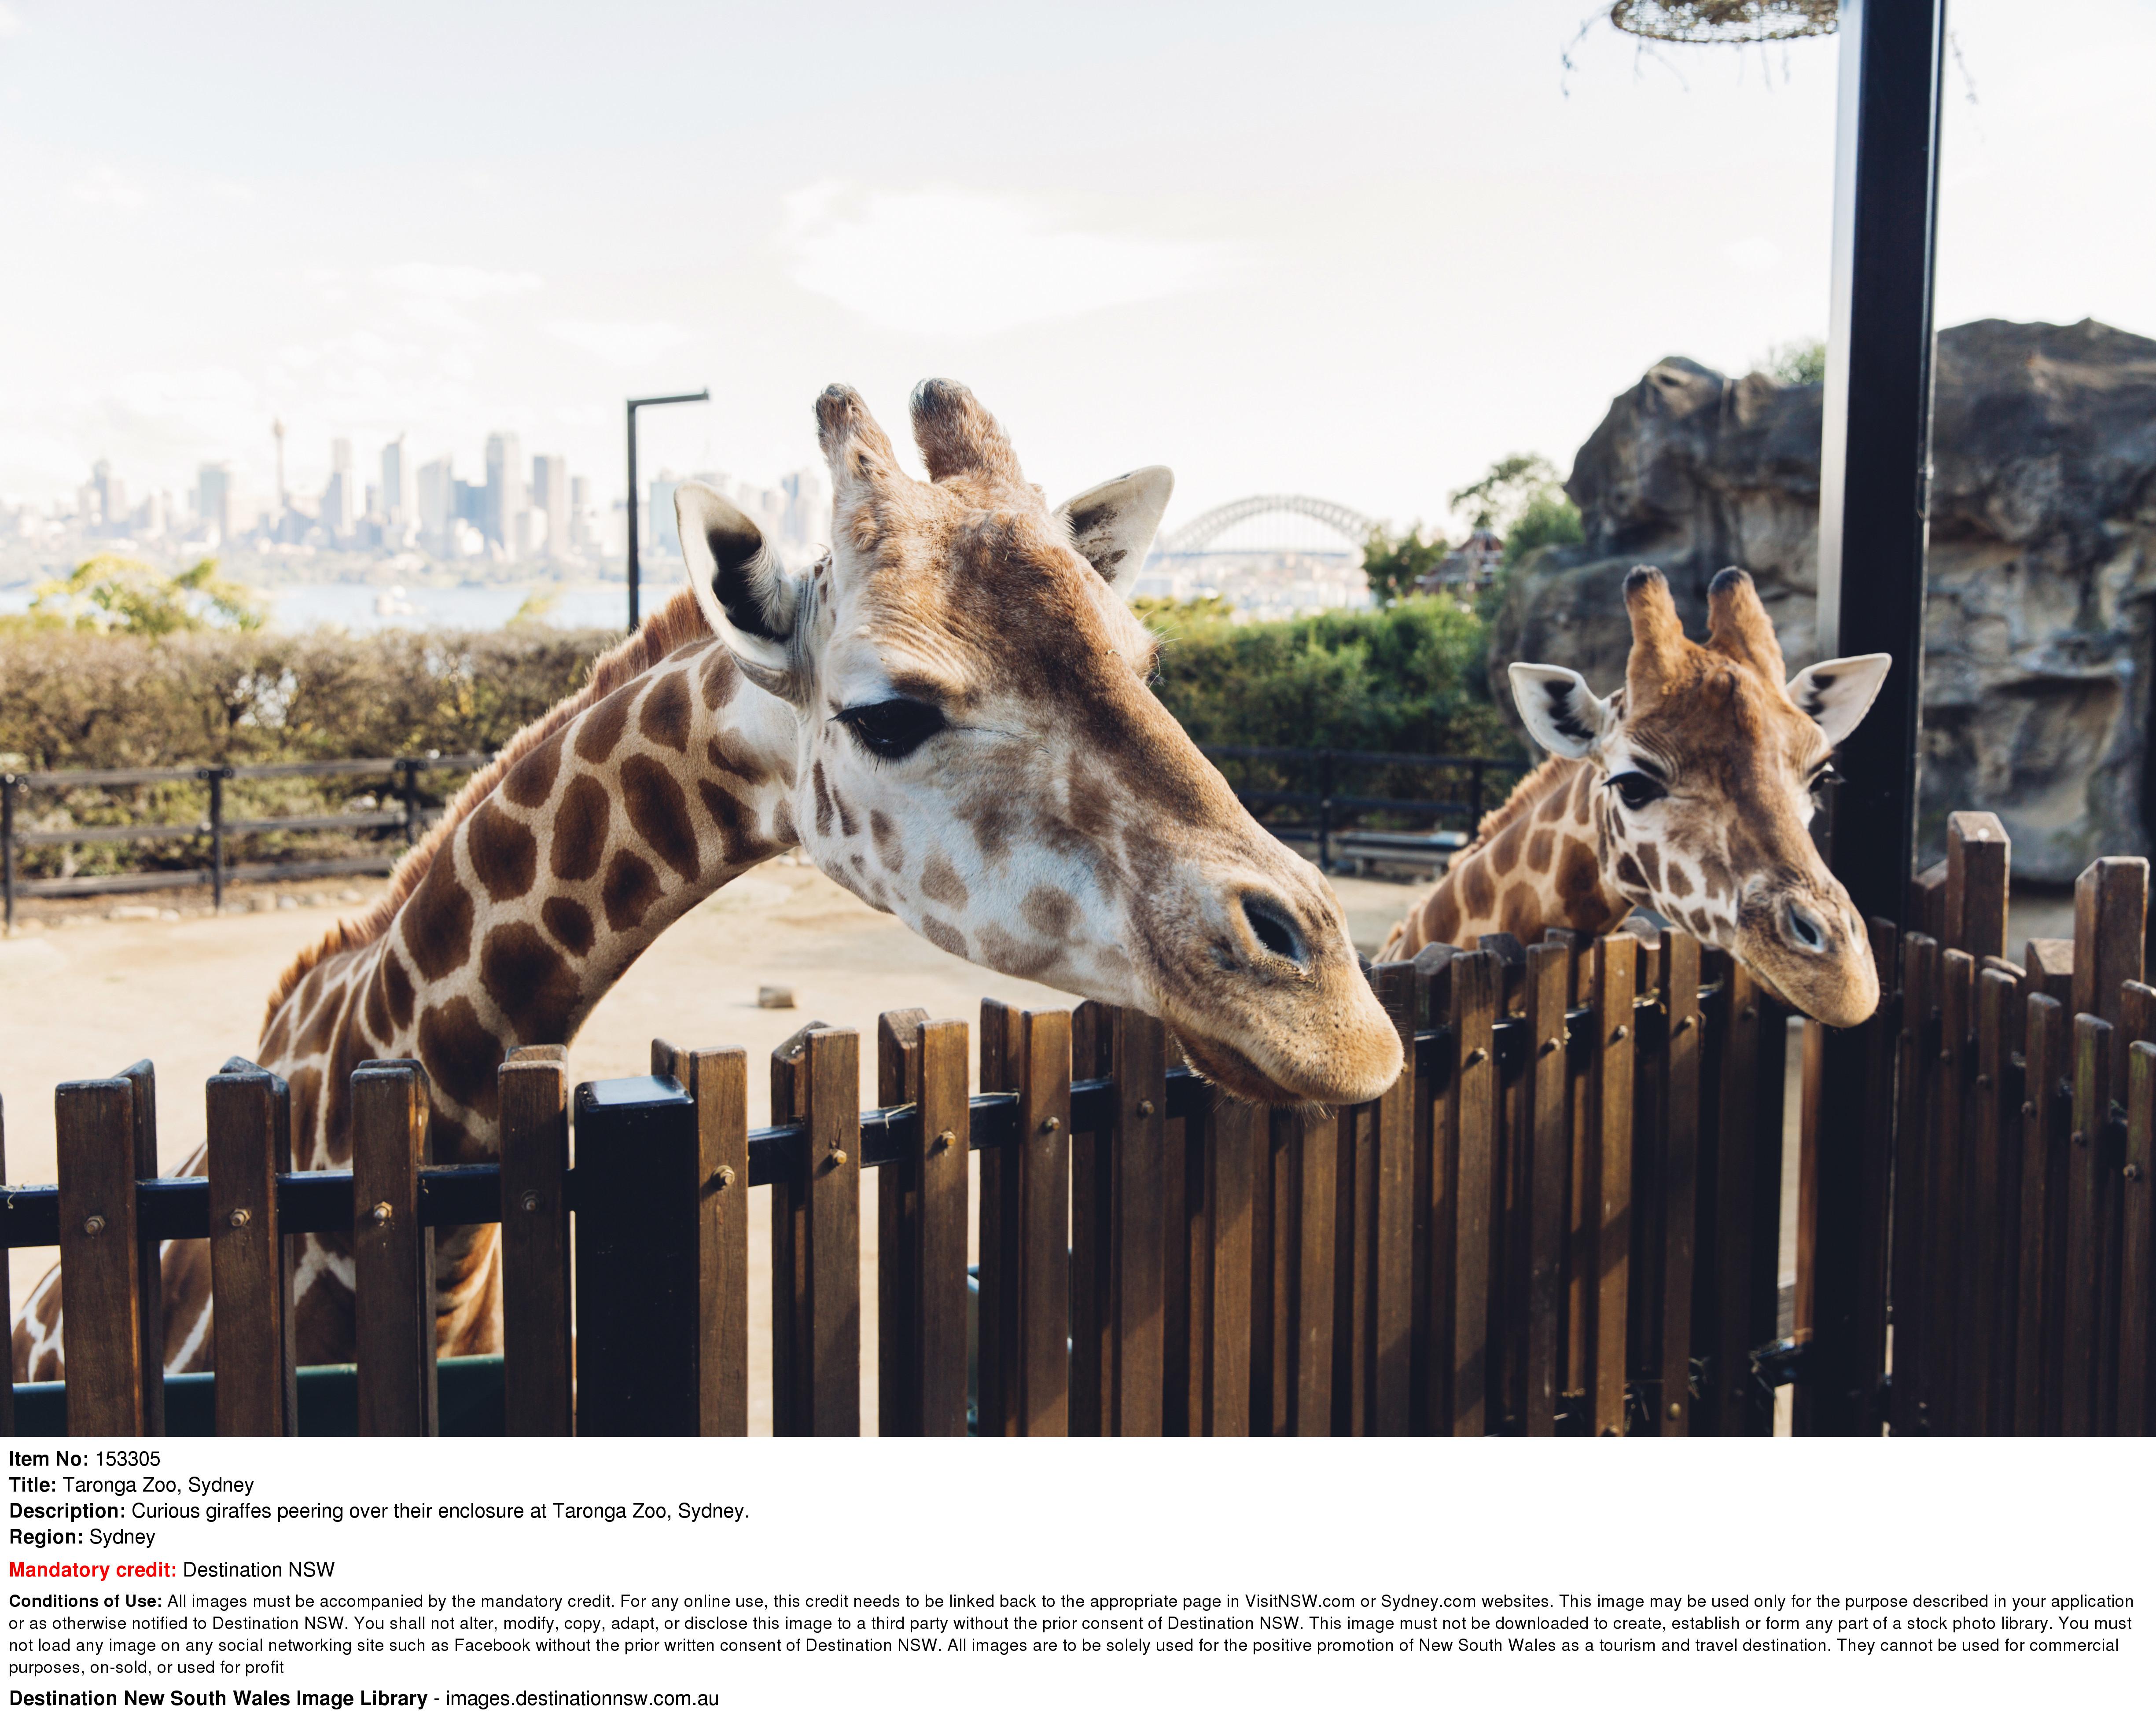 【SYDNEY TARONGA ZOO】擁有約4000隻來自澳洲和世界各地的動物園 | 悉尼自由行套票4-31天